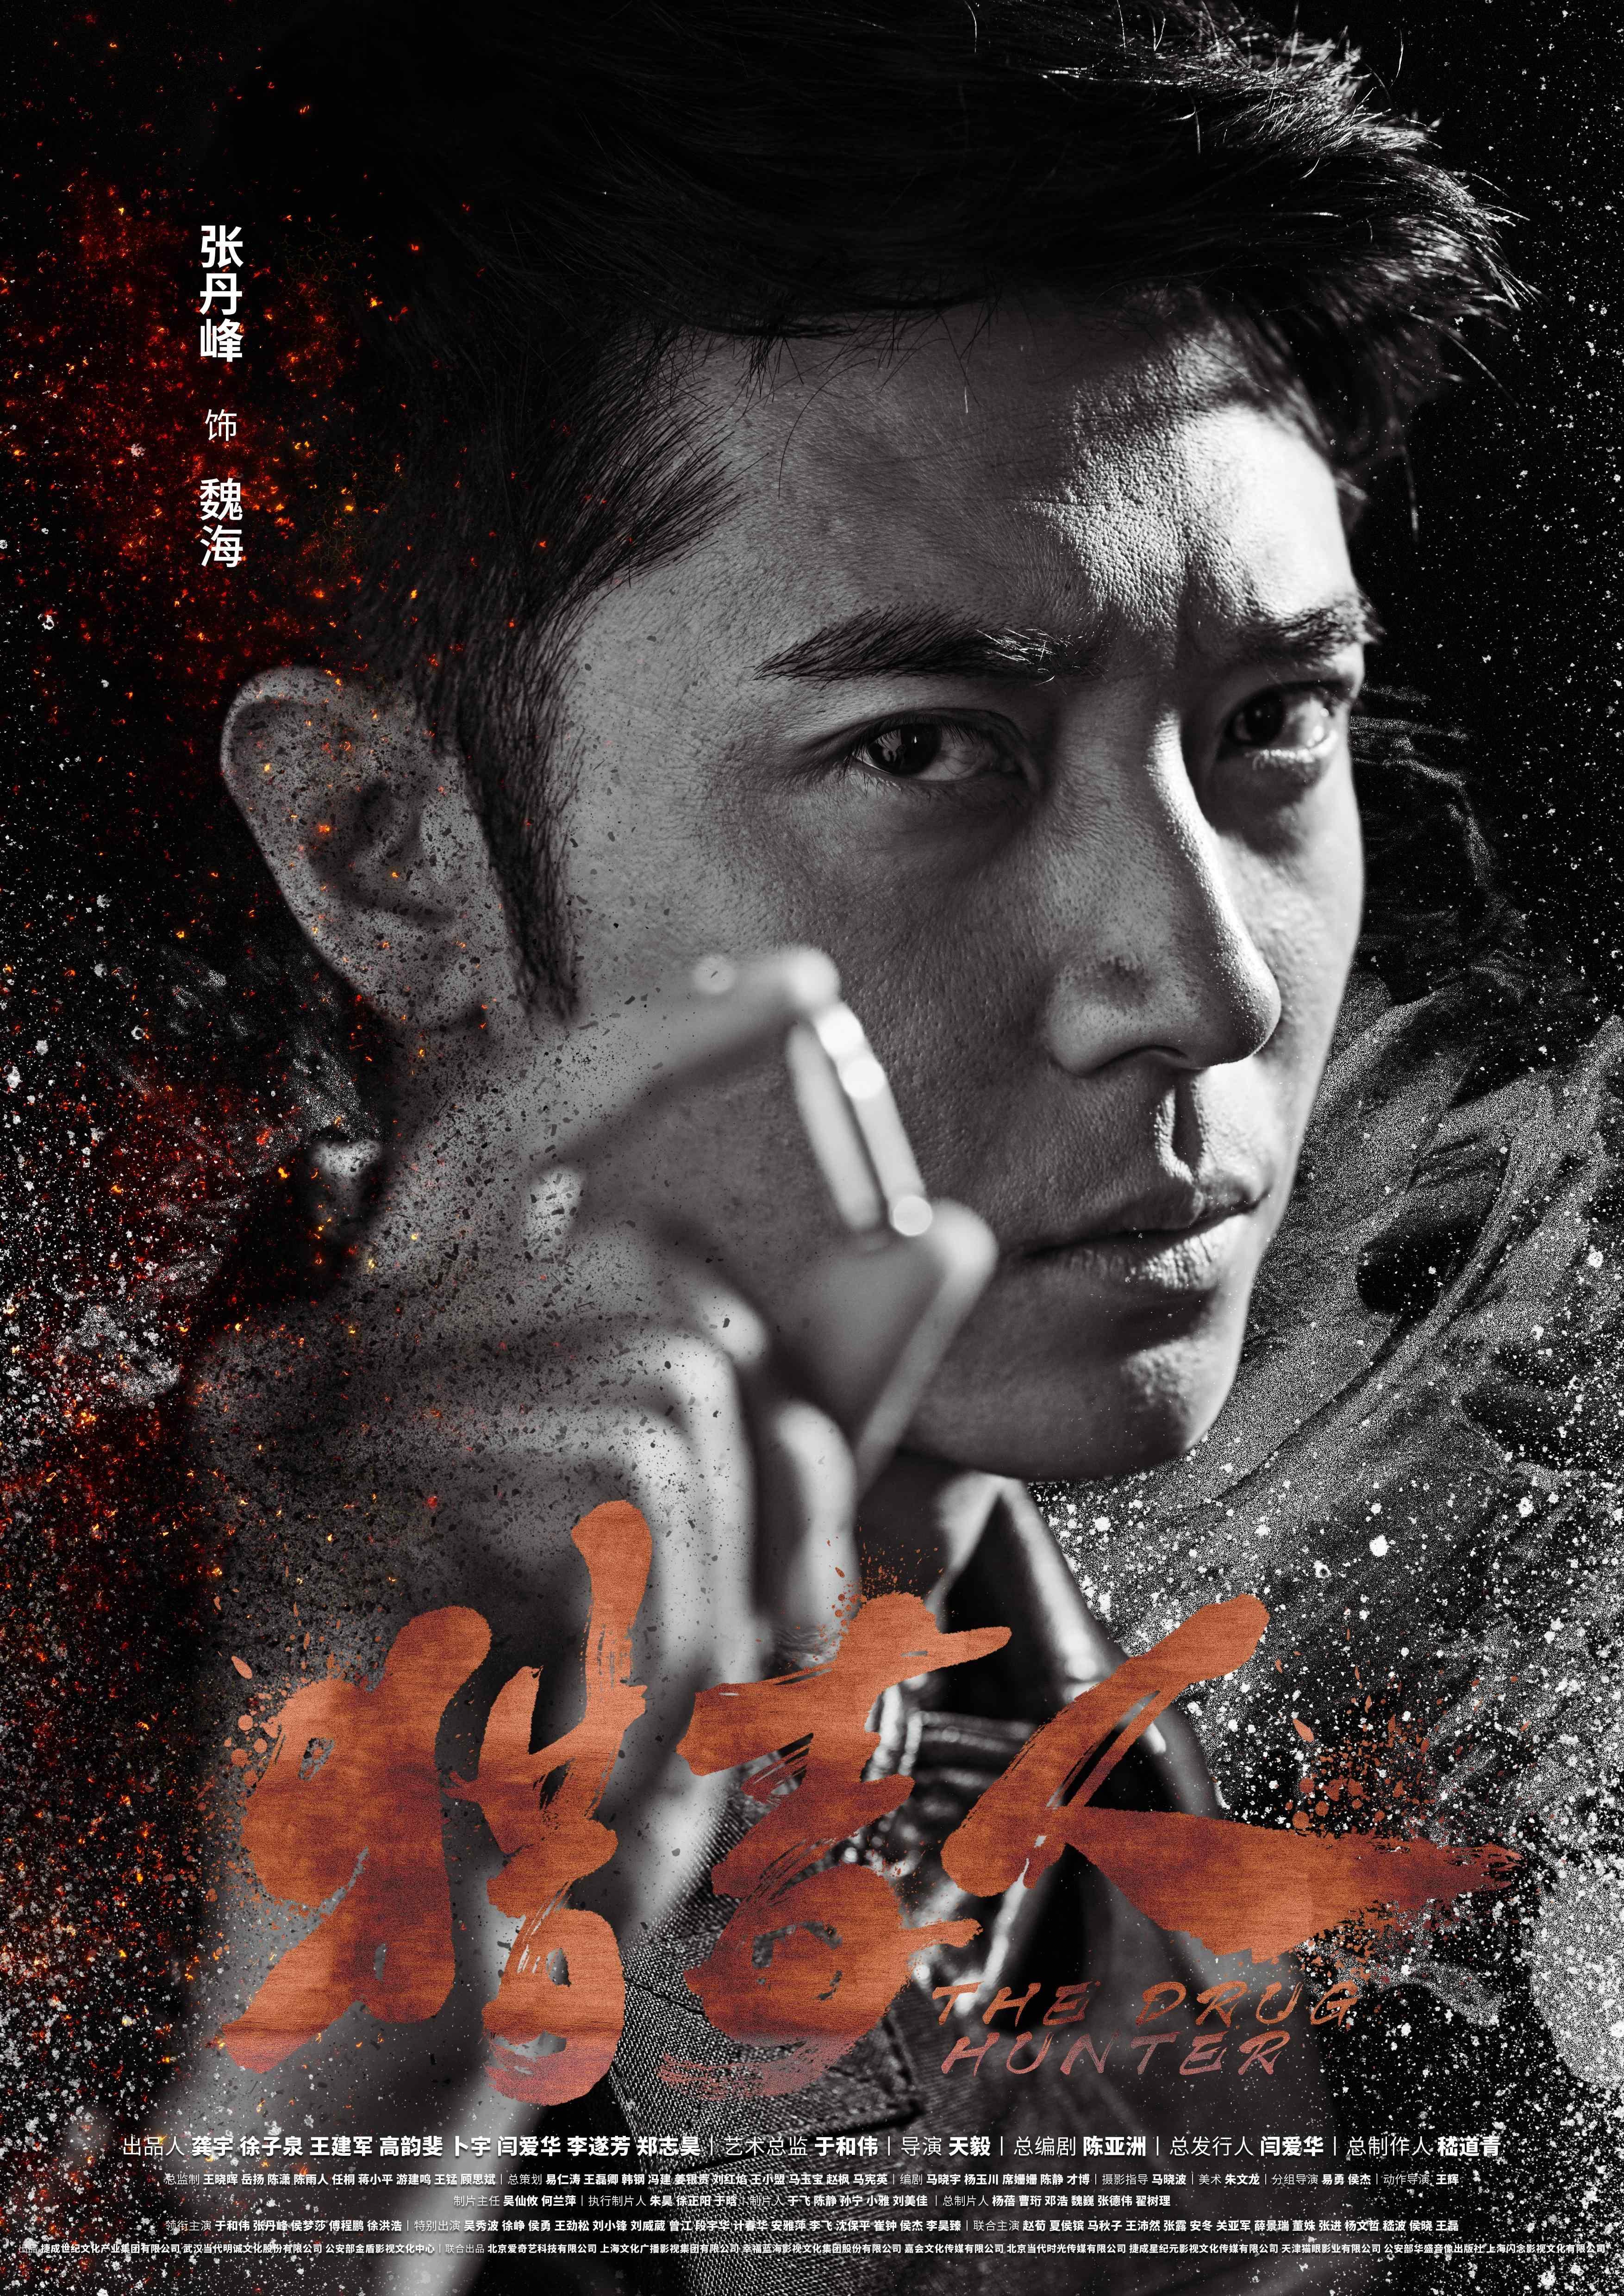 《猎毒人》张丹峰人物角色海报图片